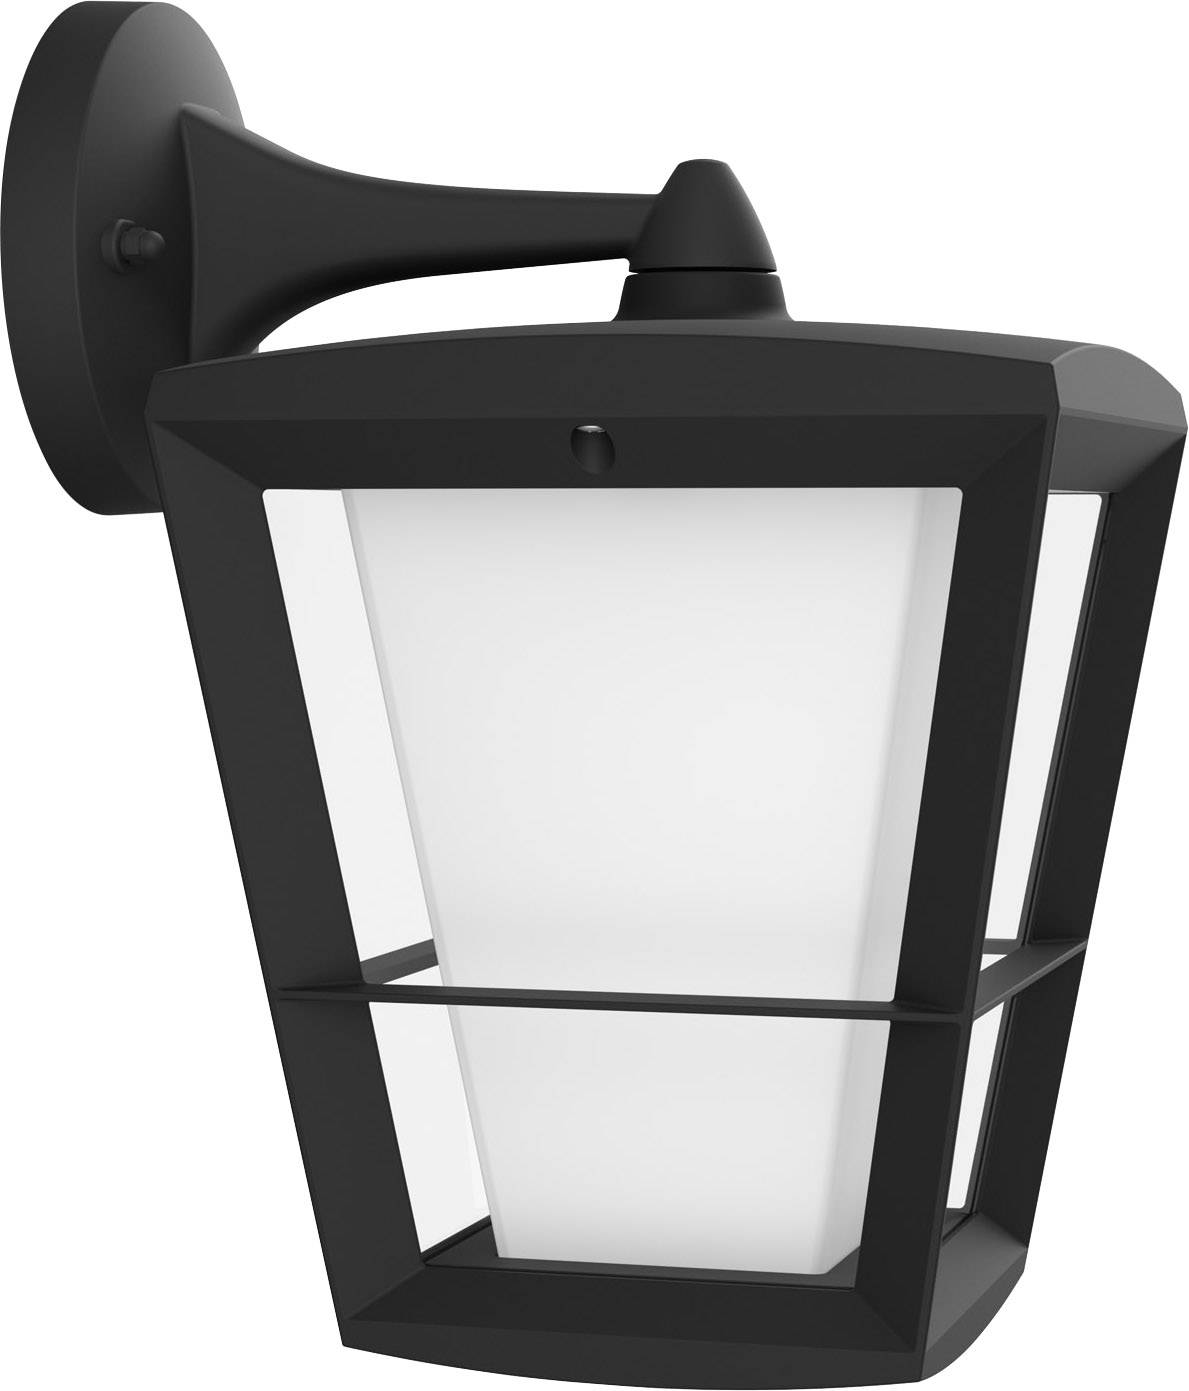 izdelek-philips-lighting-hue-led-zunanja-stenska-svetilka-econic-led-3